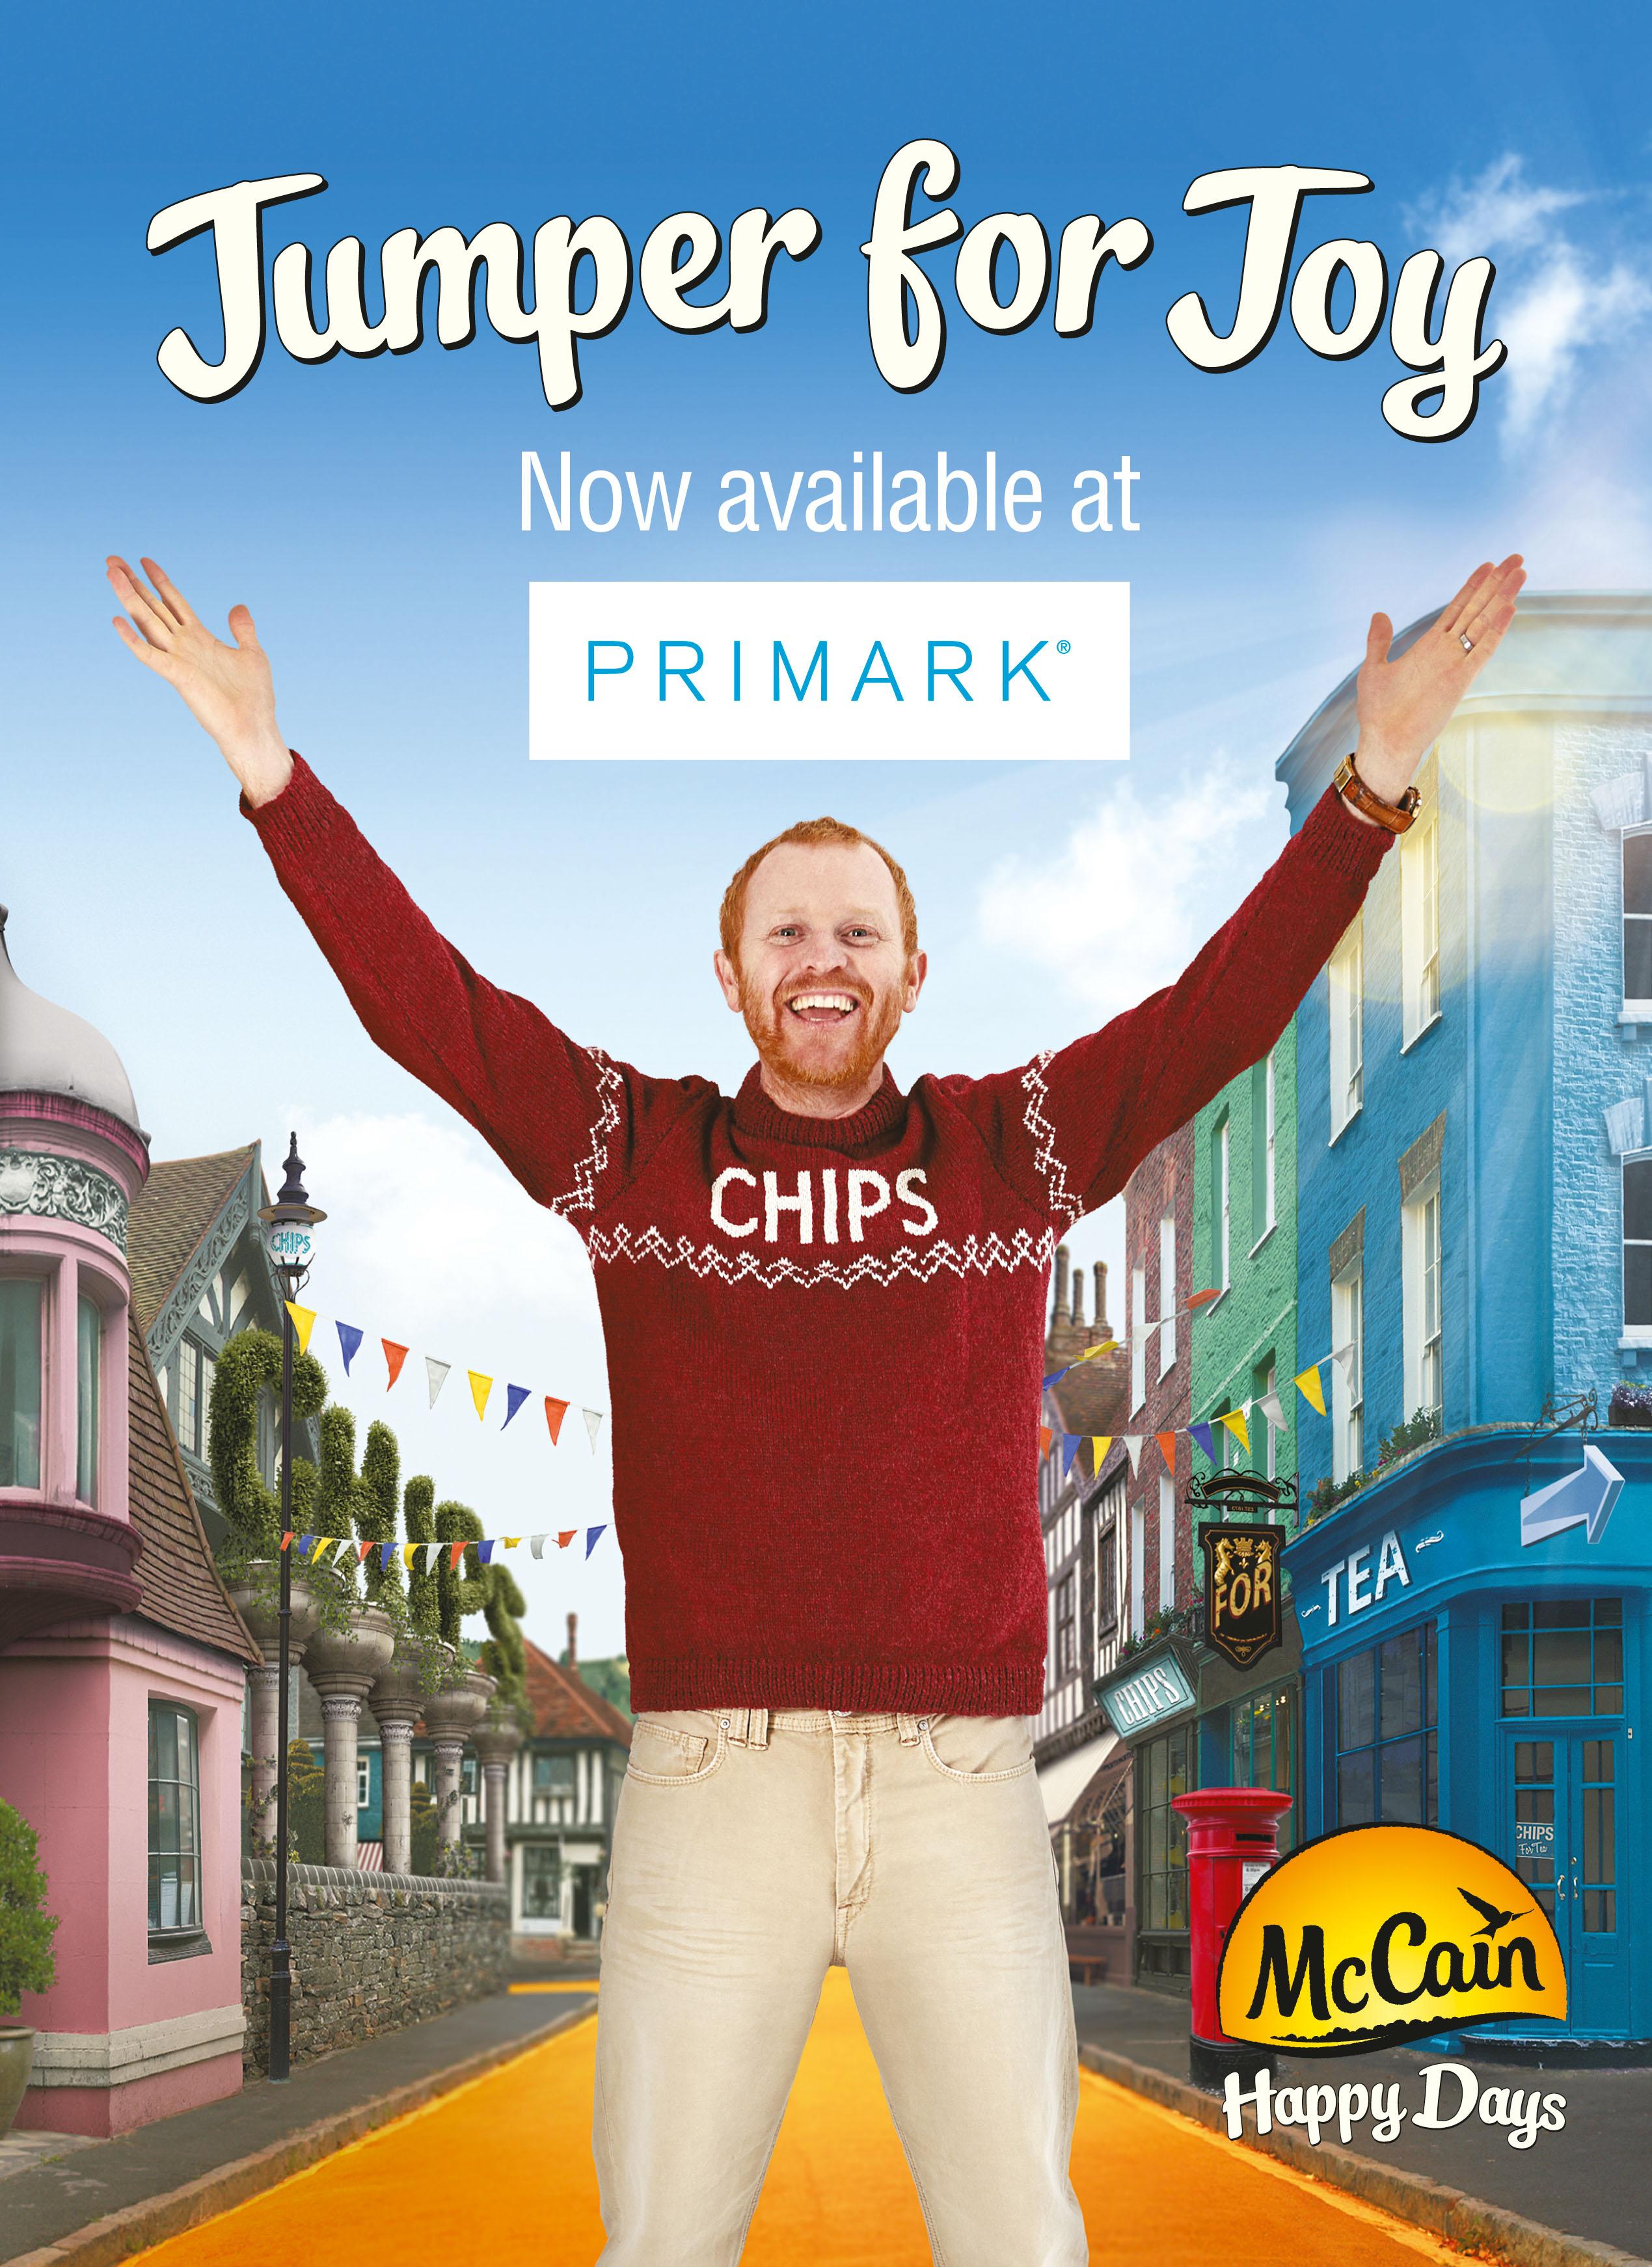 Primark Jumper for Joy